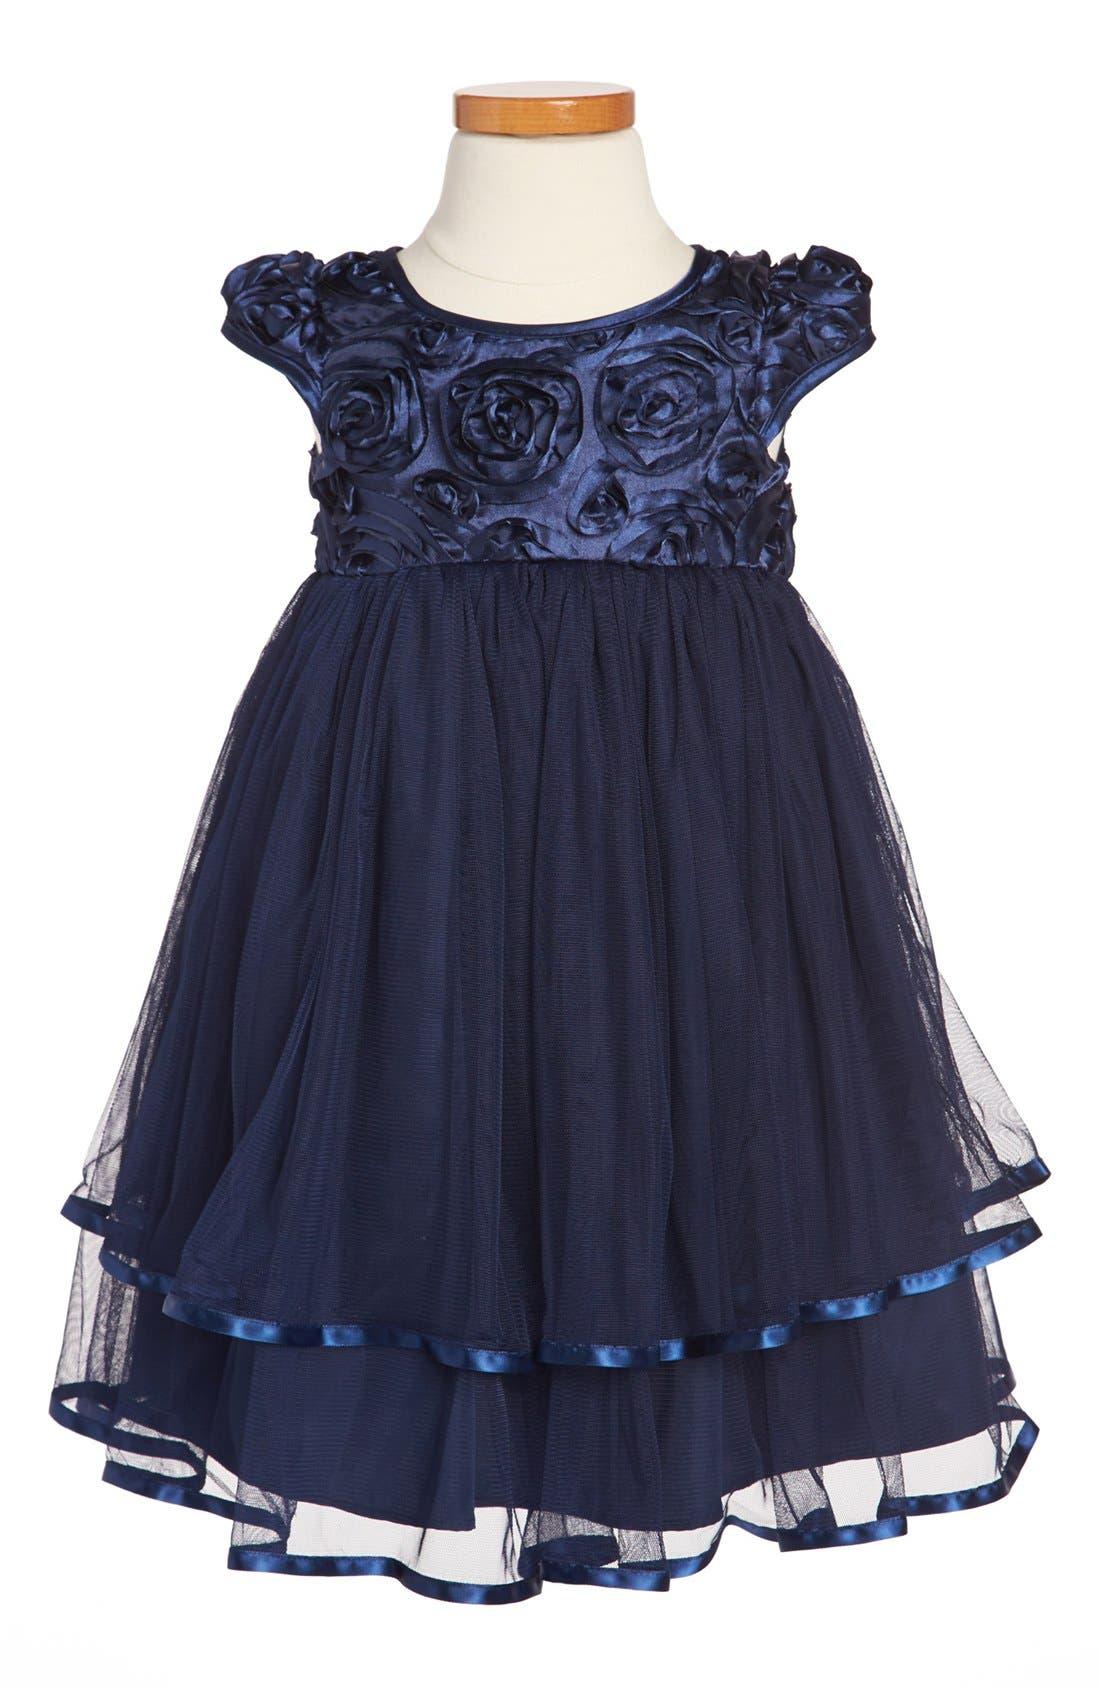 Main Image - Pippa & Julie Dress (Toddler Girls)